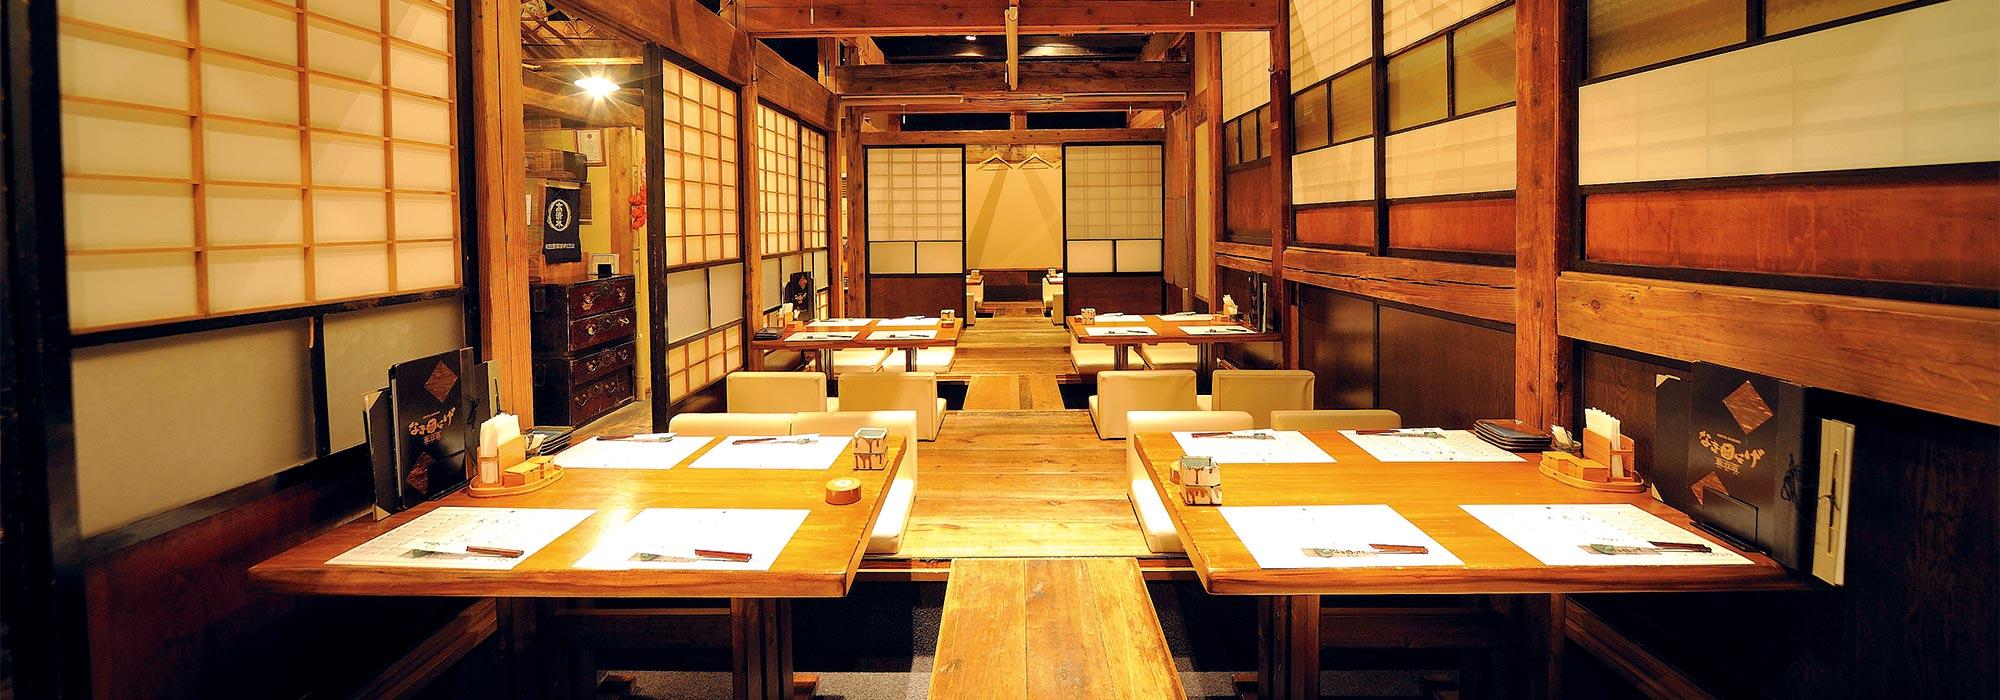 AKITA DINING なまはげ 仙台店 画像05